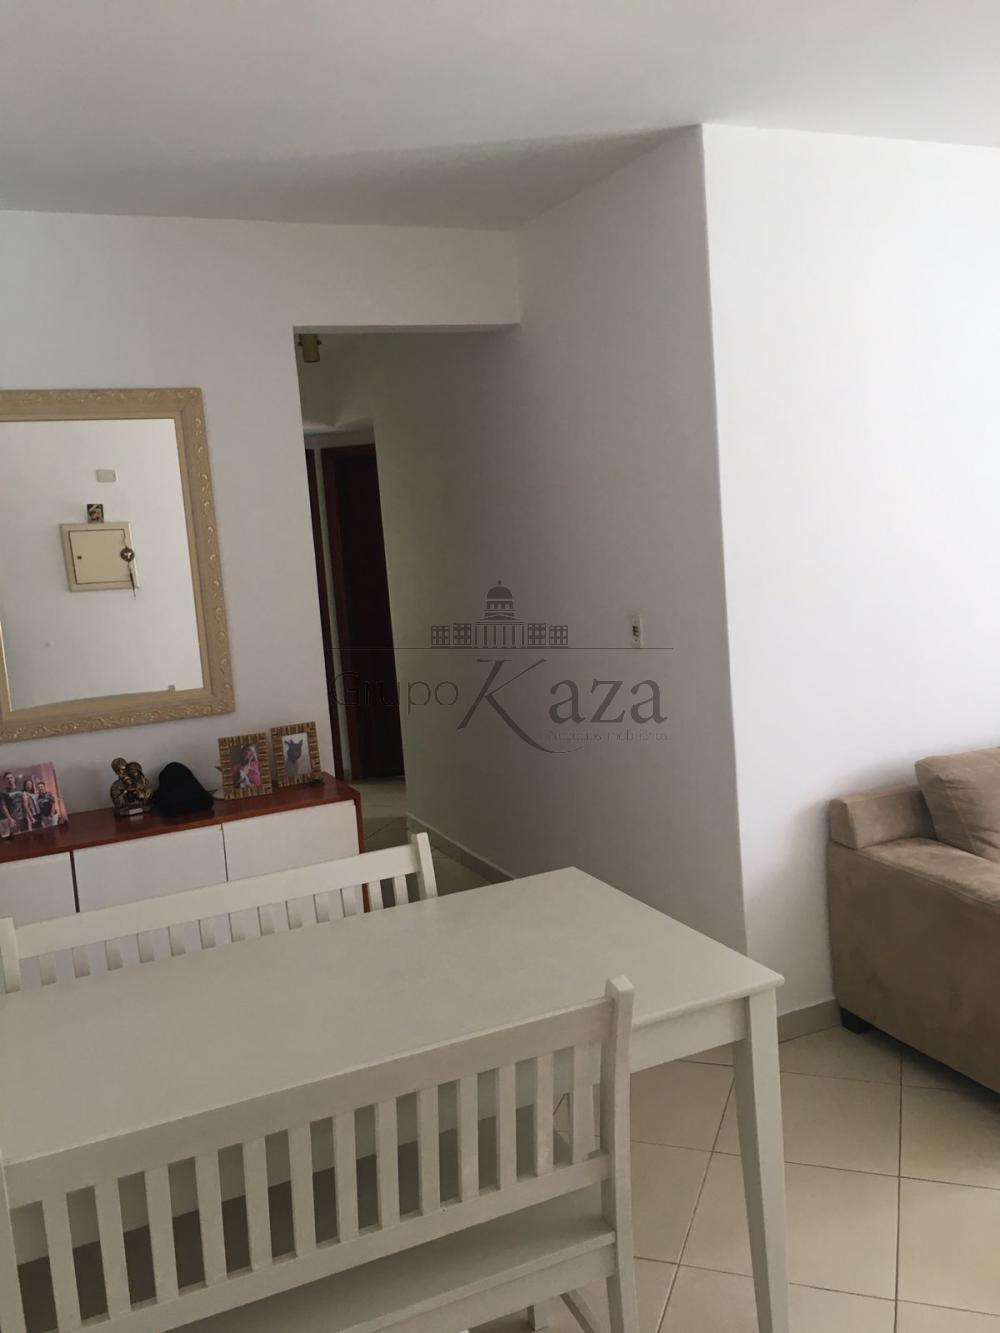 alt='Comprar Apartamento / Padrão em São José dos Campos R$ 300.000,00 - Foto 2' title='Comprar Apartamento / Padrão em São José dos Campos R$ 300.000,00 - Foto 2'